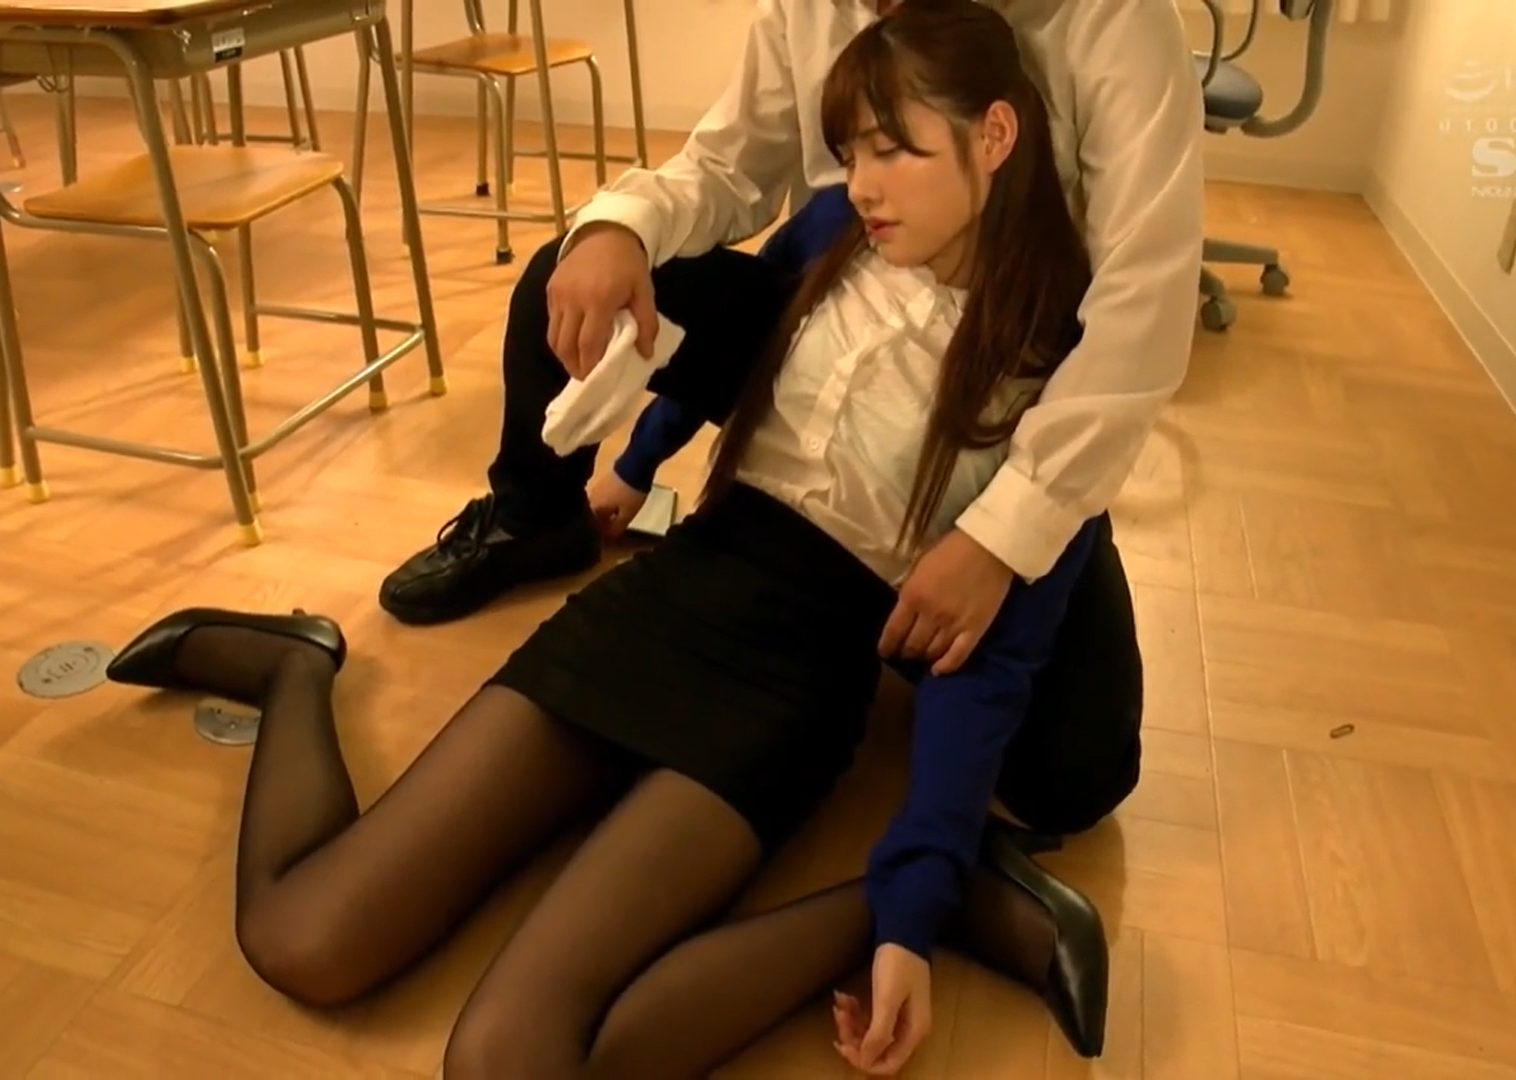 【※橋本ありなレイプ※】新人女教師が盗撮や昏睡させられレイプの餌食に…!